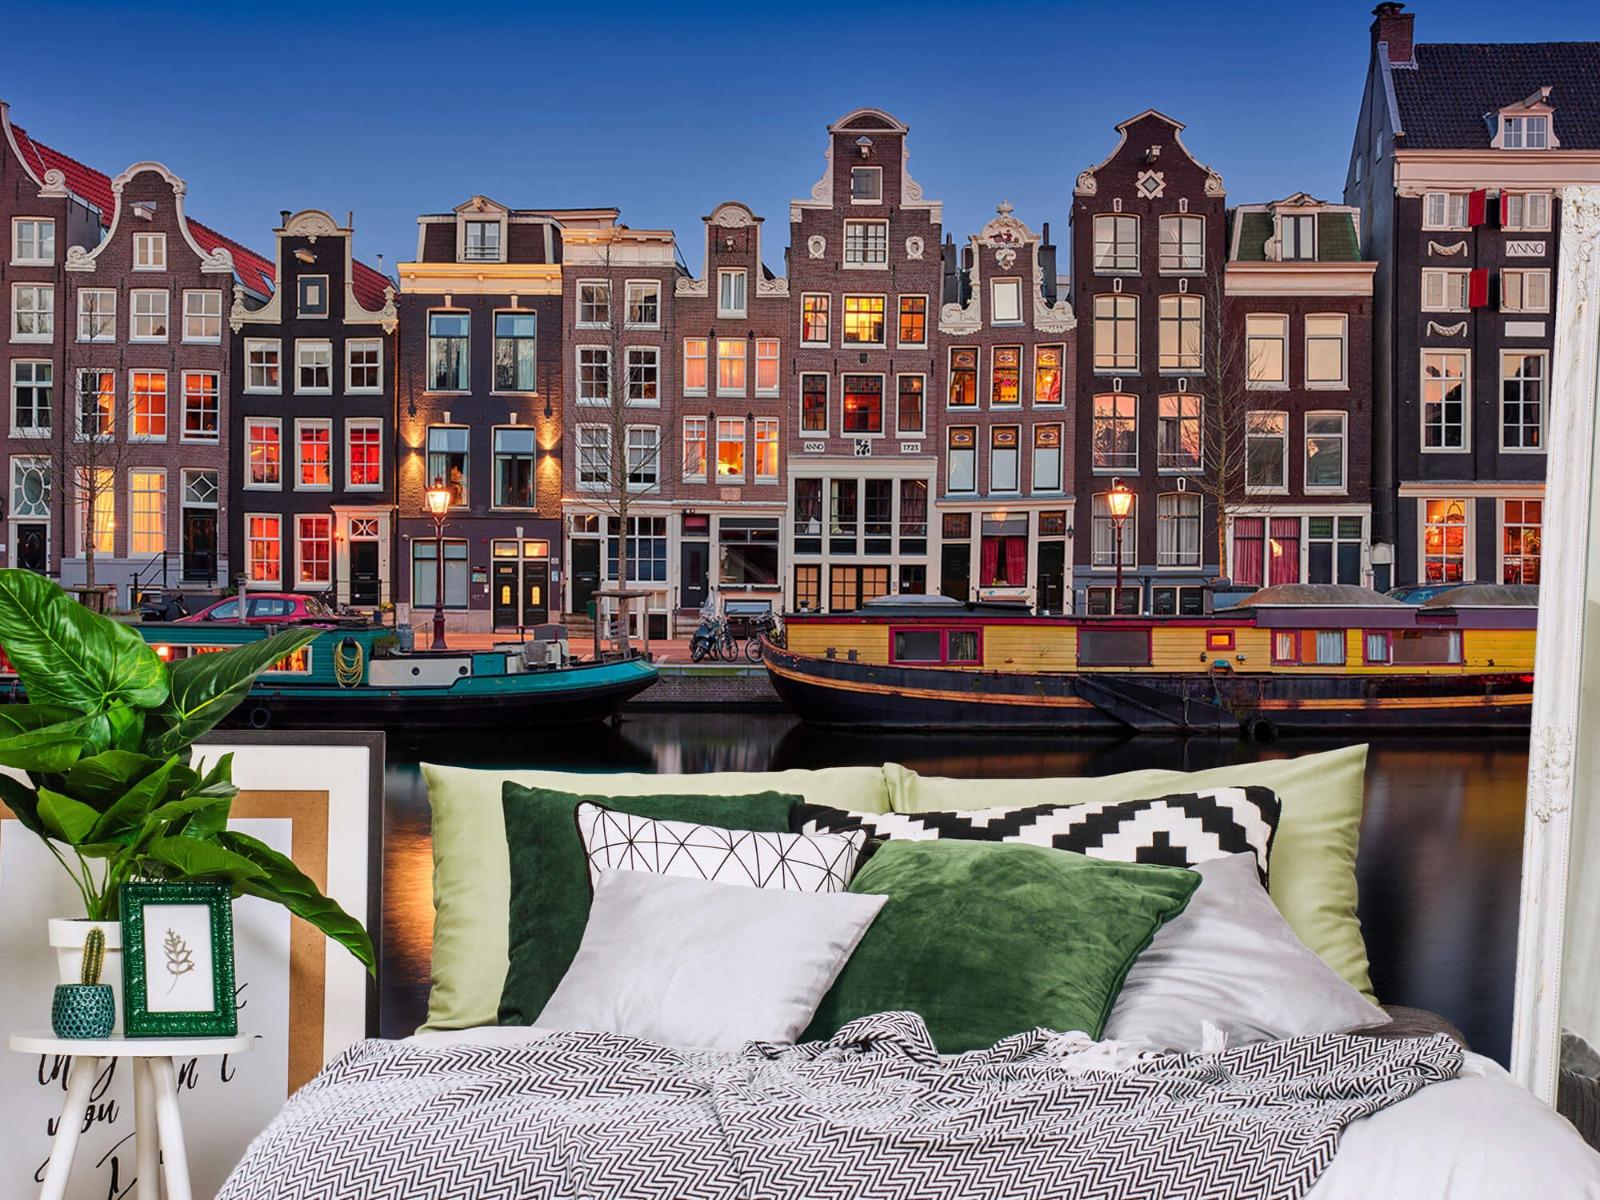 Architectuur - Grachtenpanden Amsterdam - Tienerkamer 12